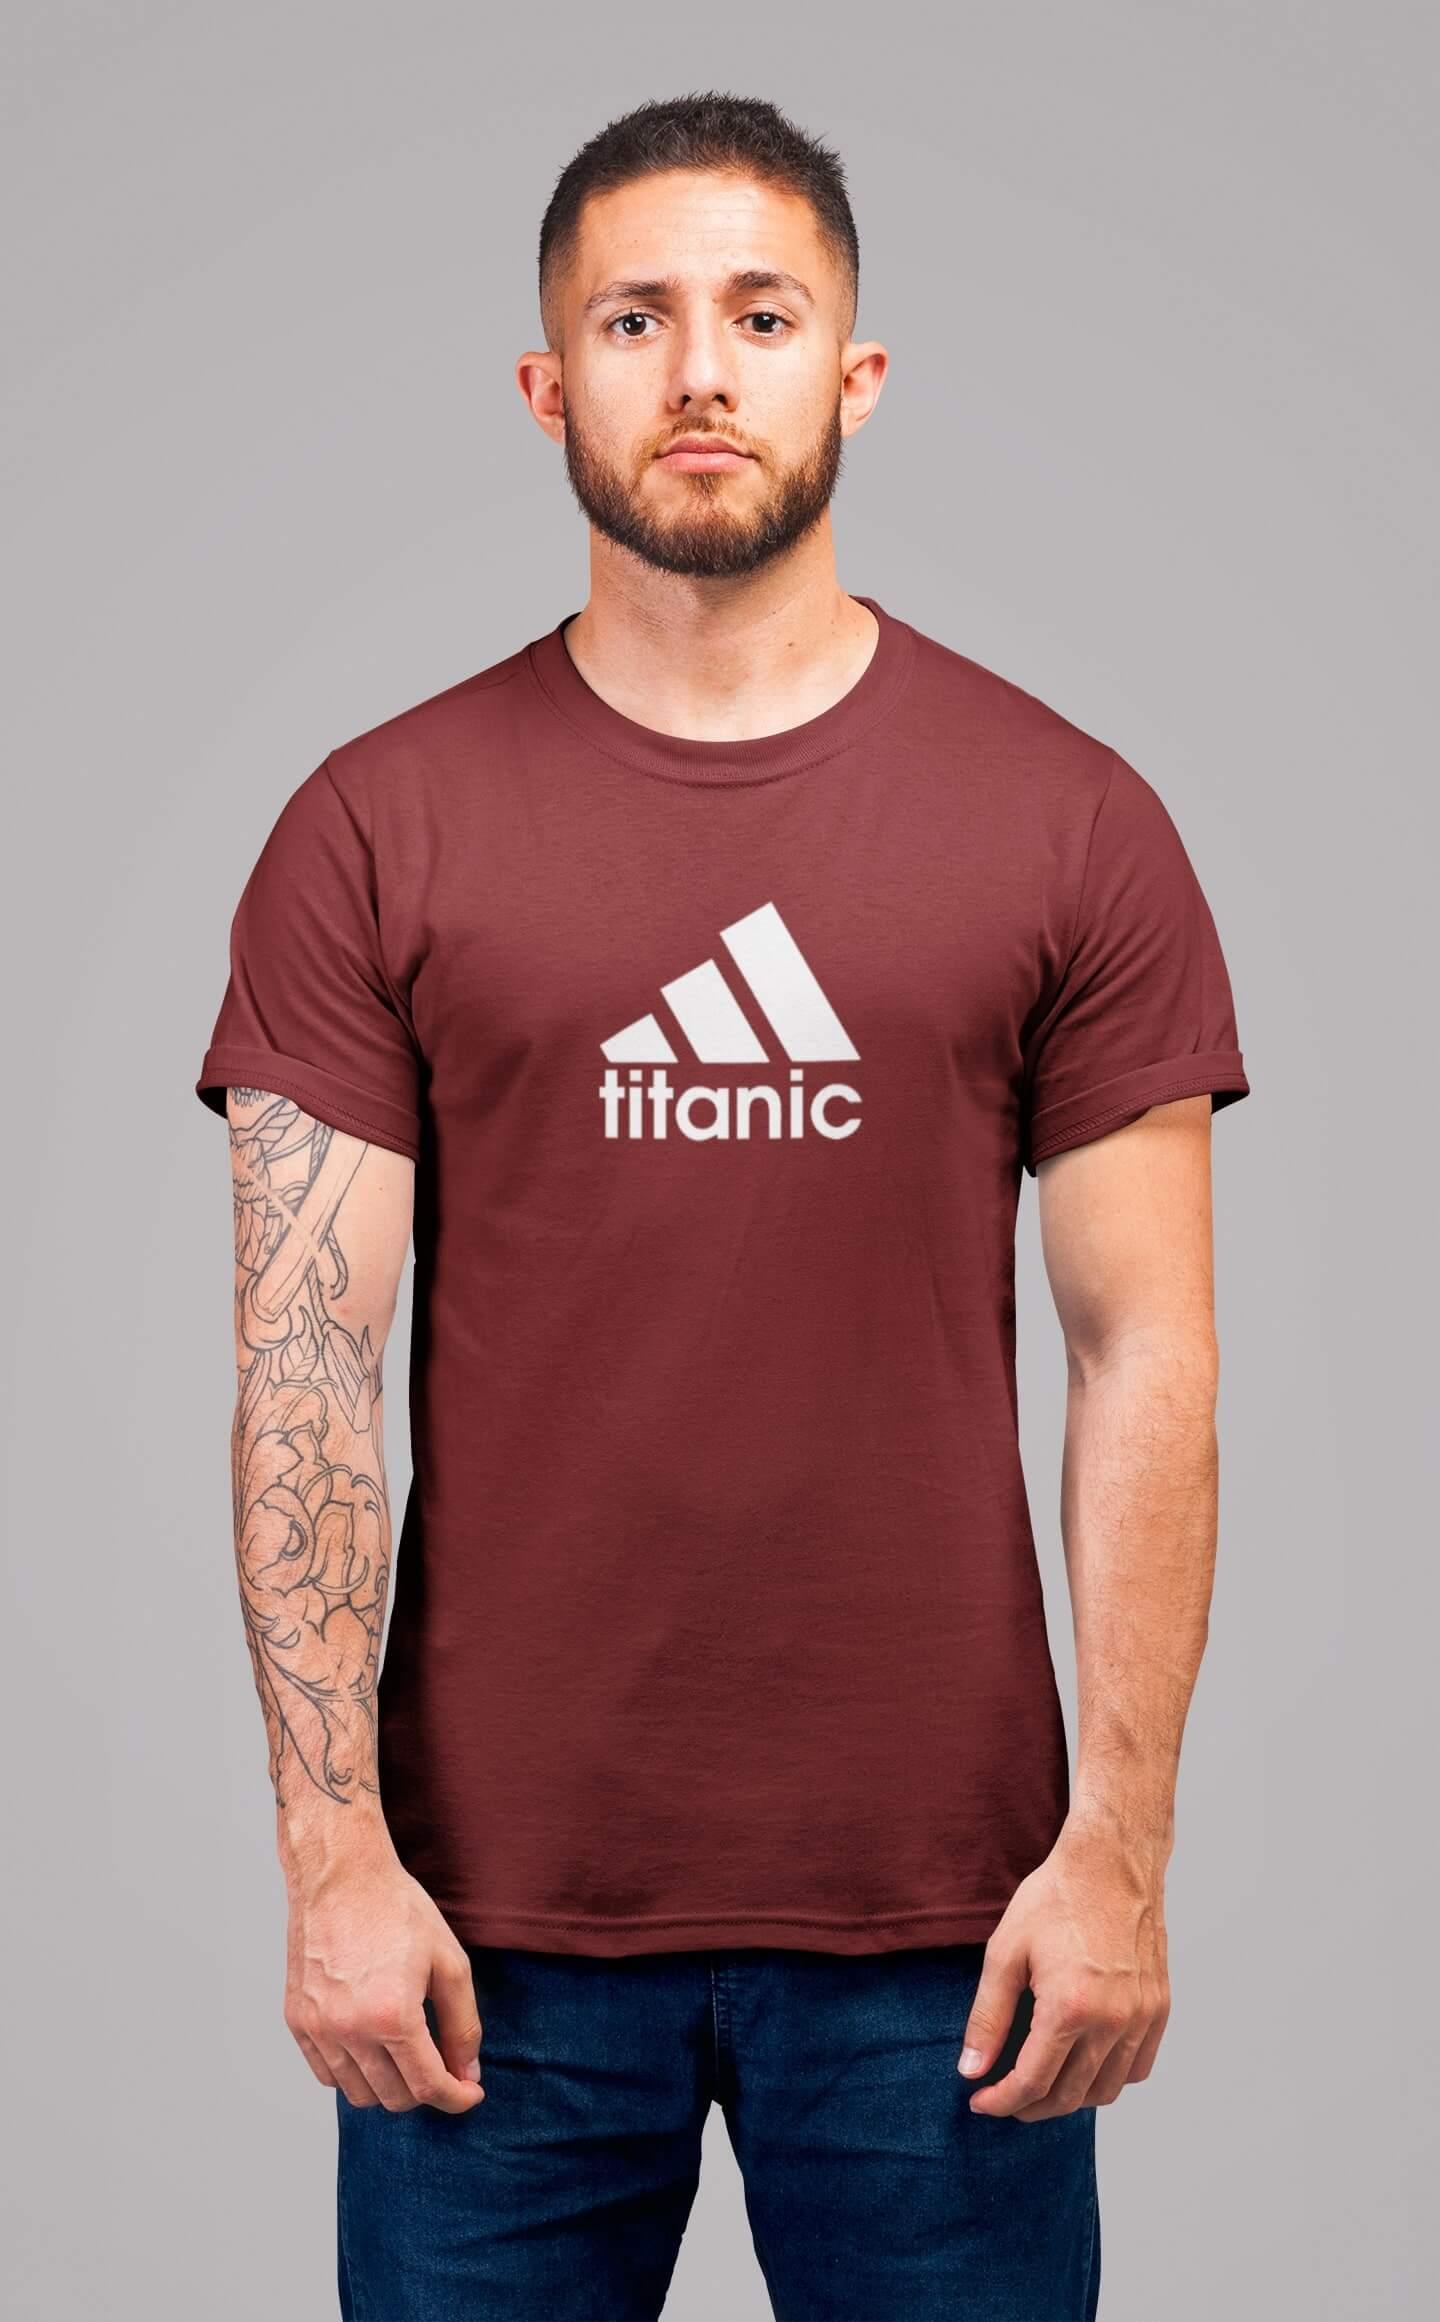 MMO Pánske tričko Titanic Vyberte farbu: Bordová, Vyberte veľkosť: XS